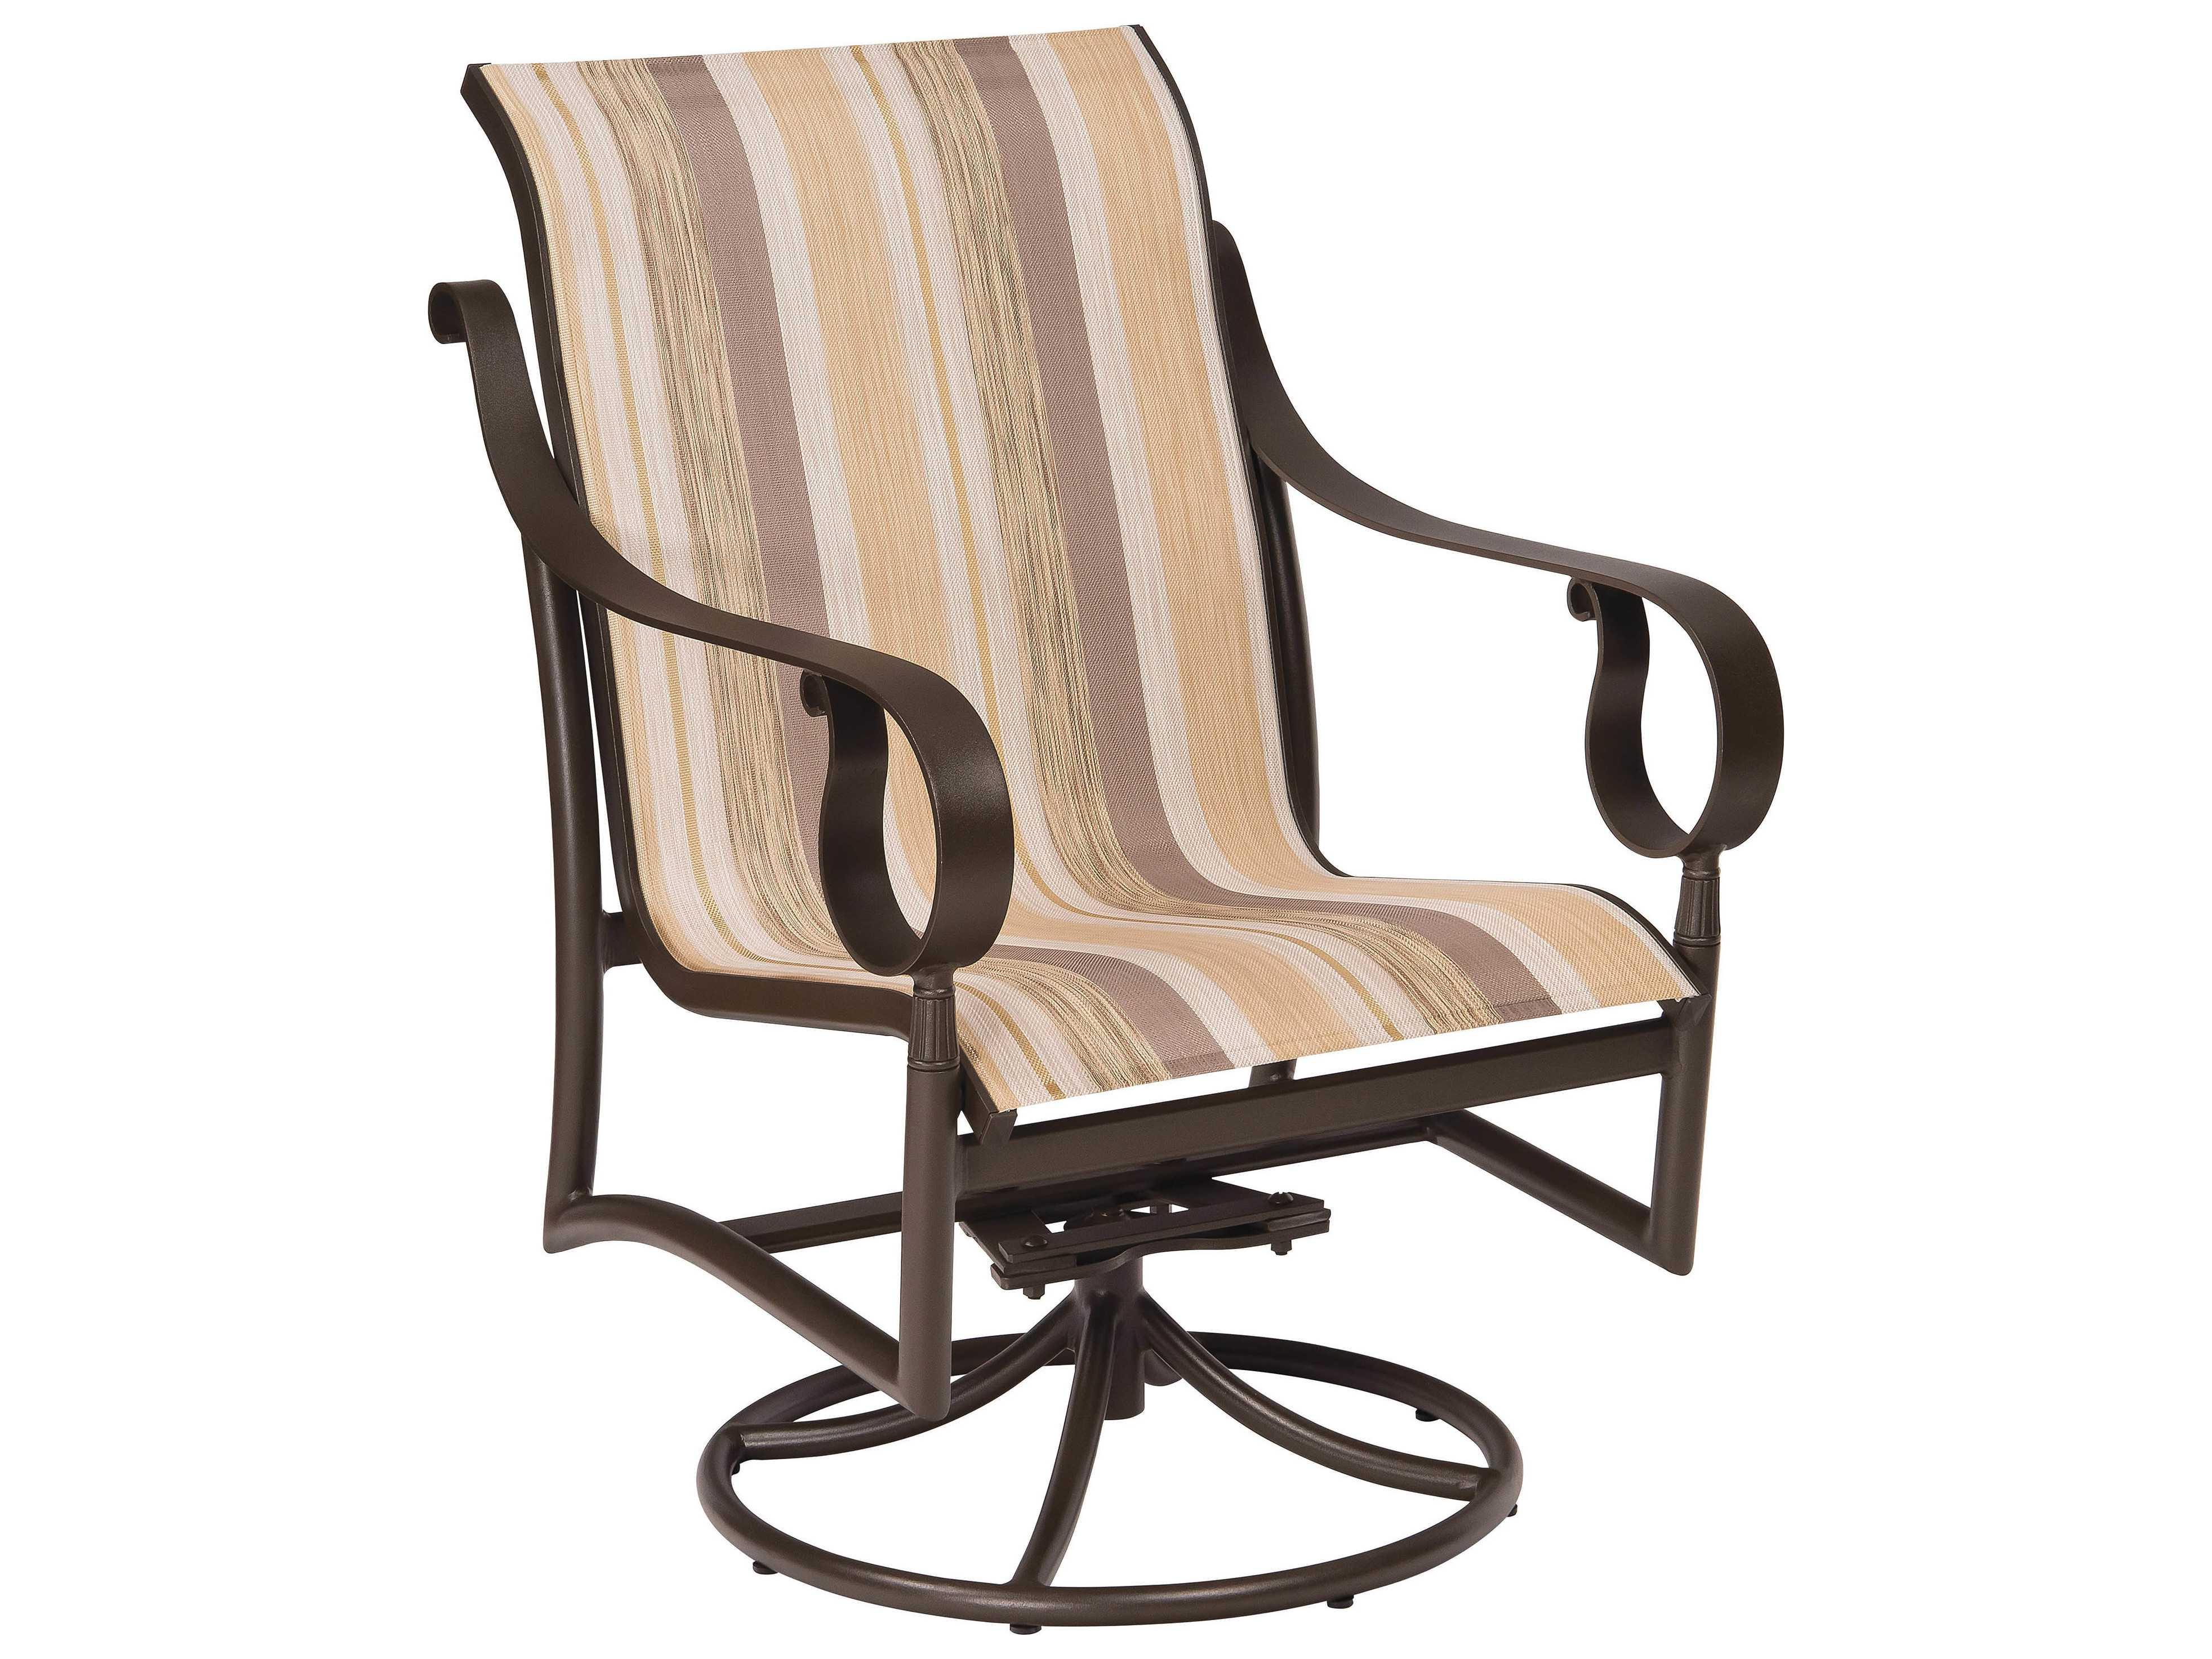 low back lawn chair target office for standing desk woodard ridgecrest sling aluminum swivel rocker